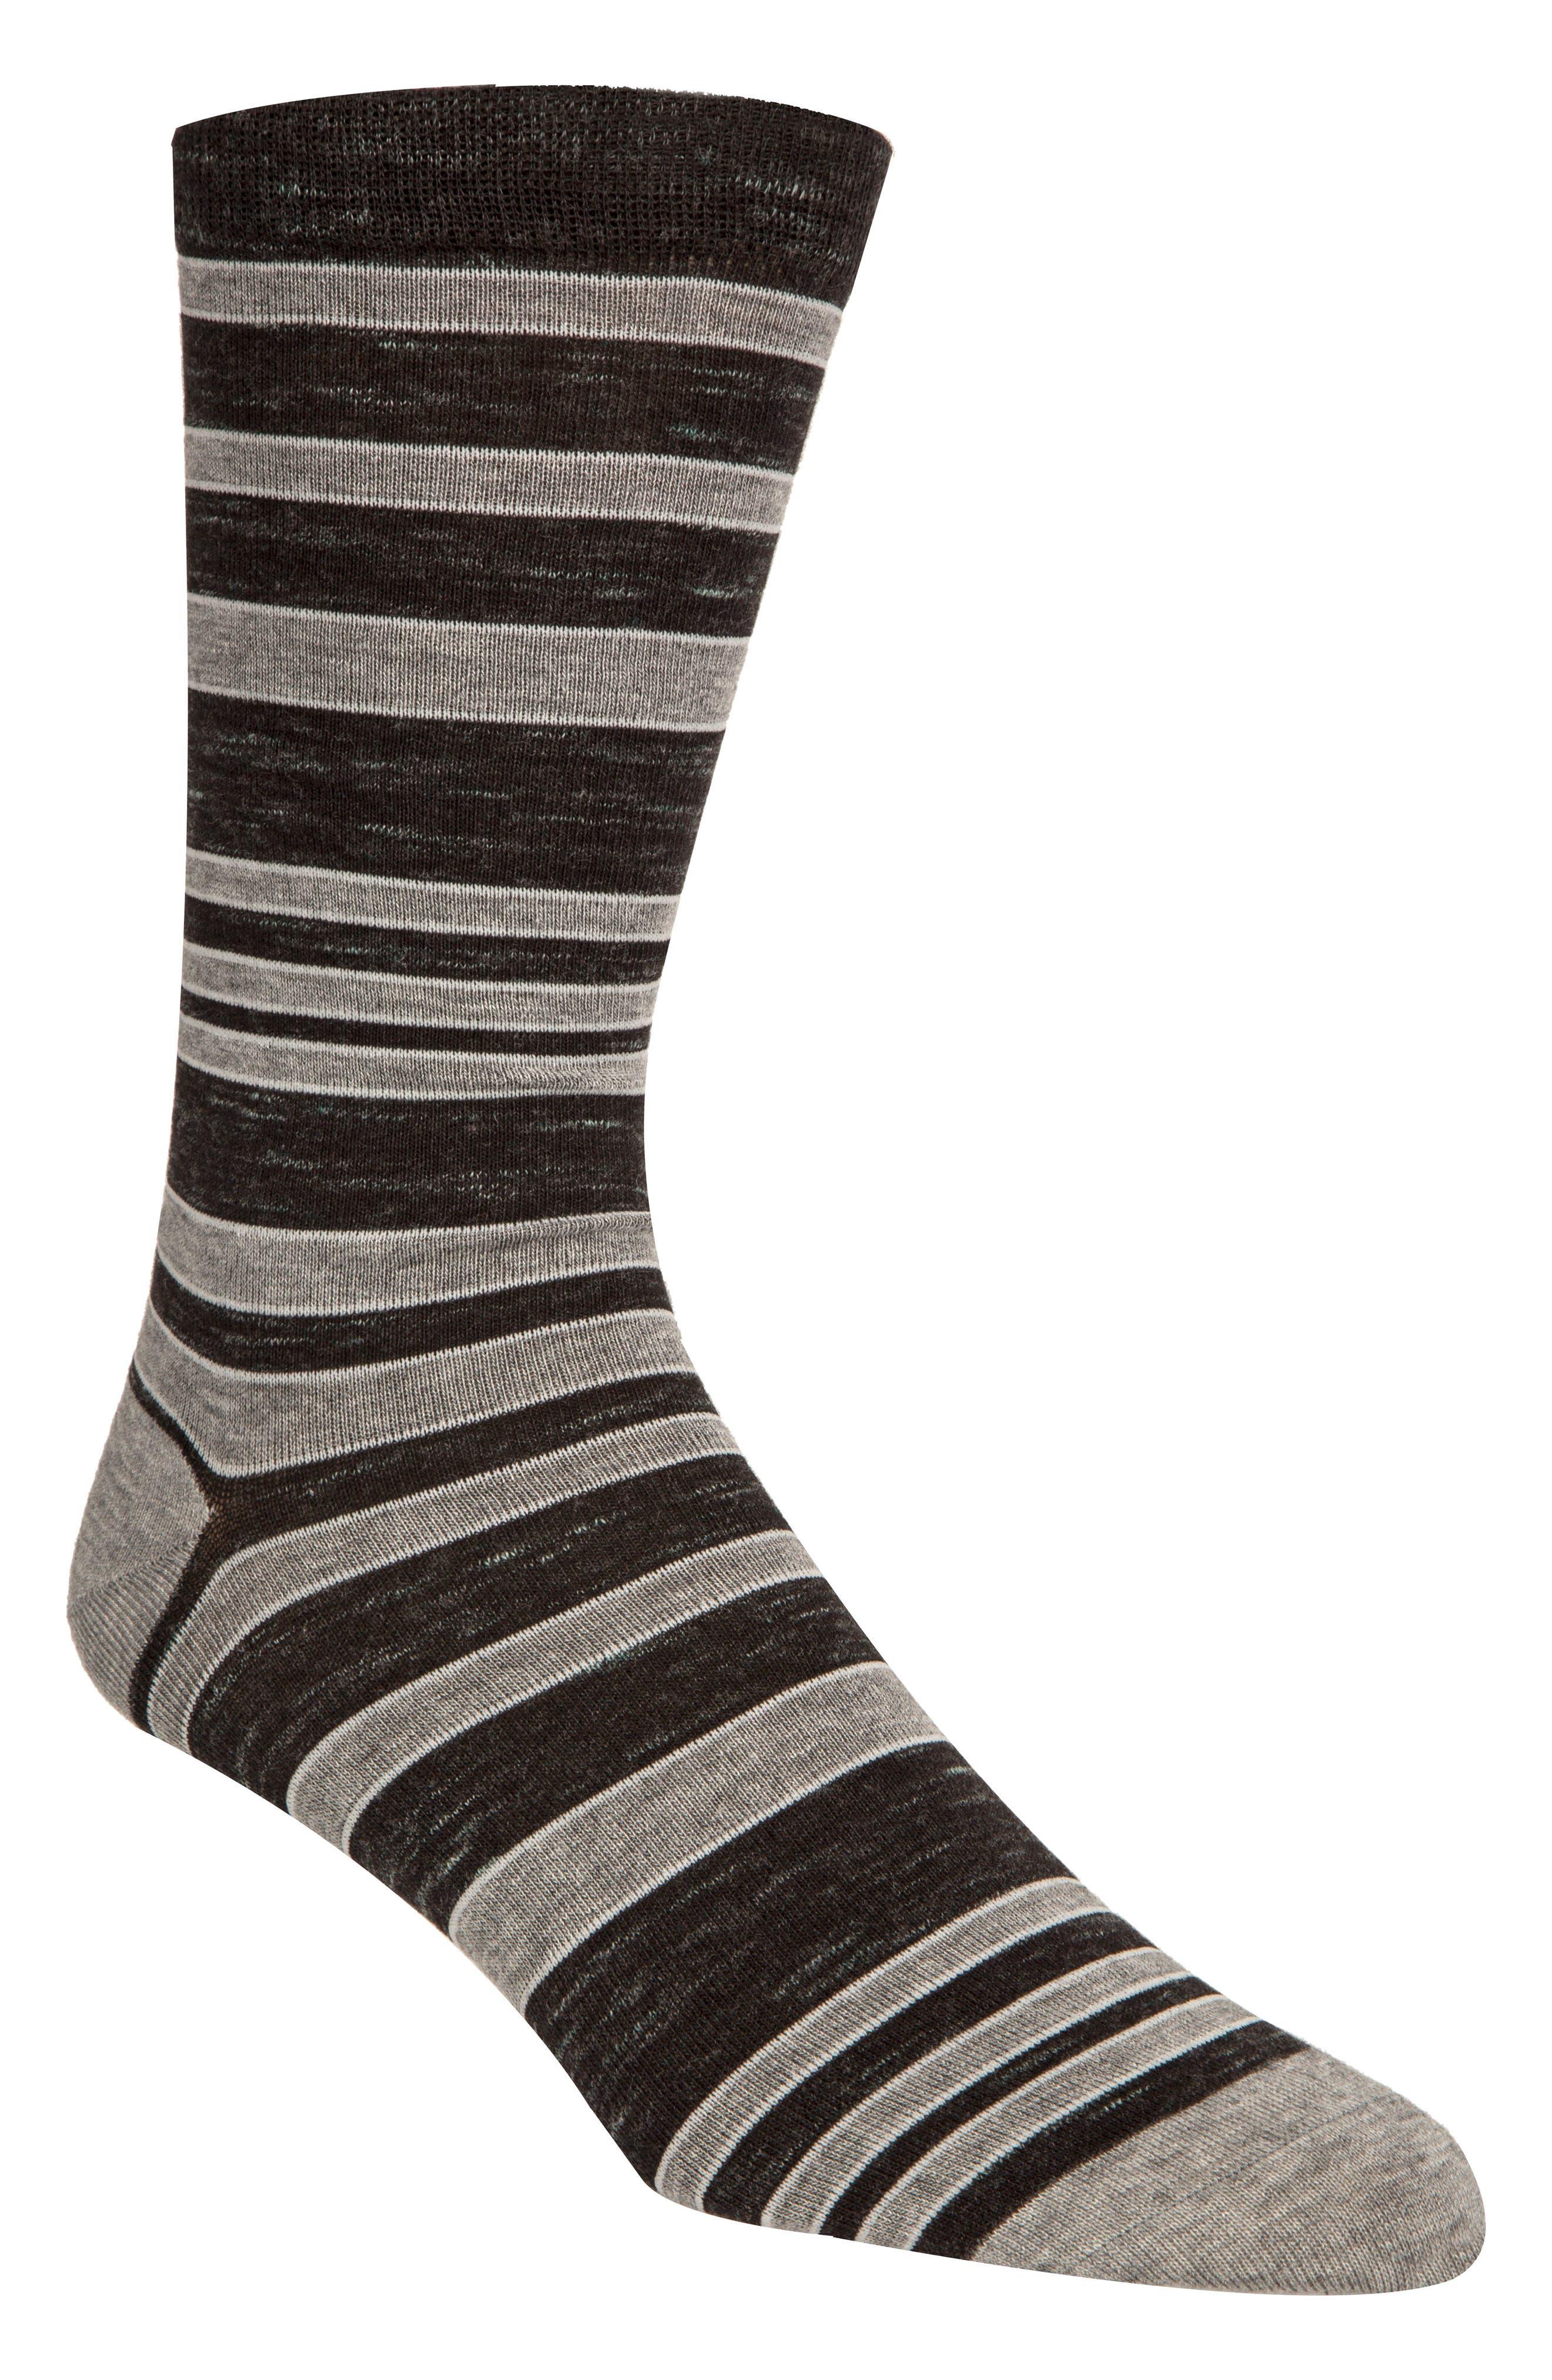 Stripe Socks,                             Main thumbnail 1, color,                             BLACK RAIN HEATHER